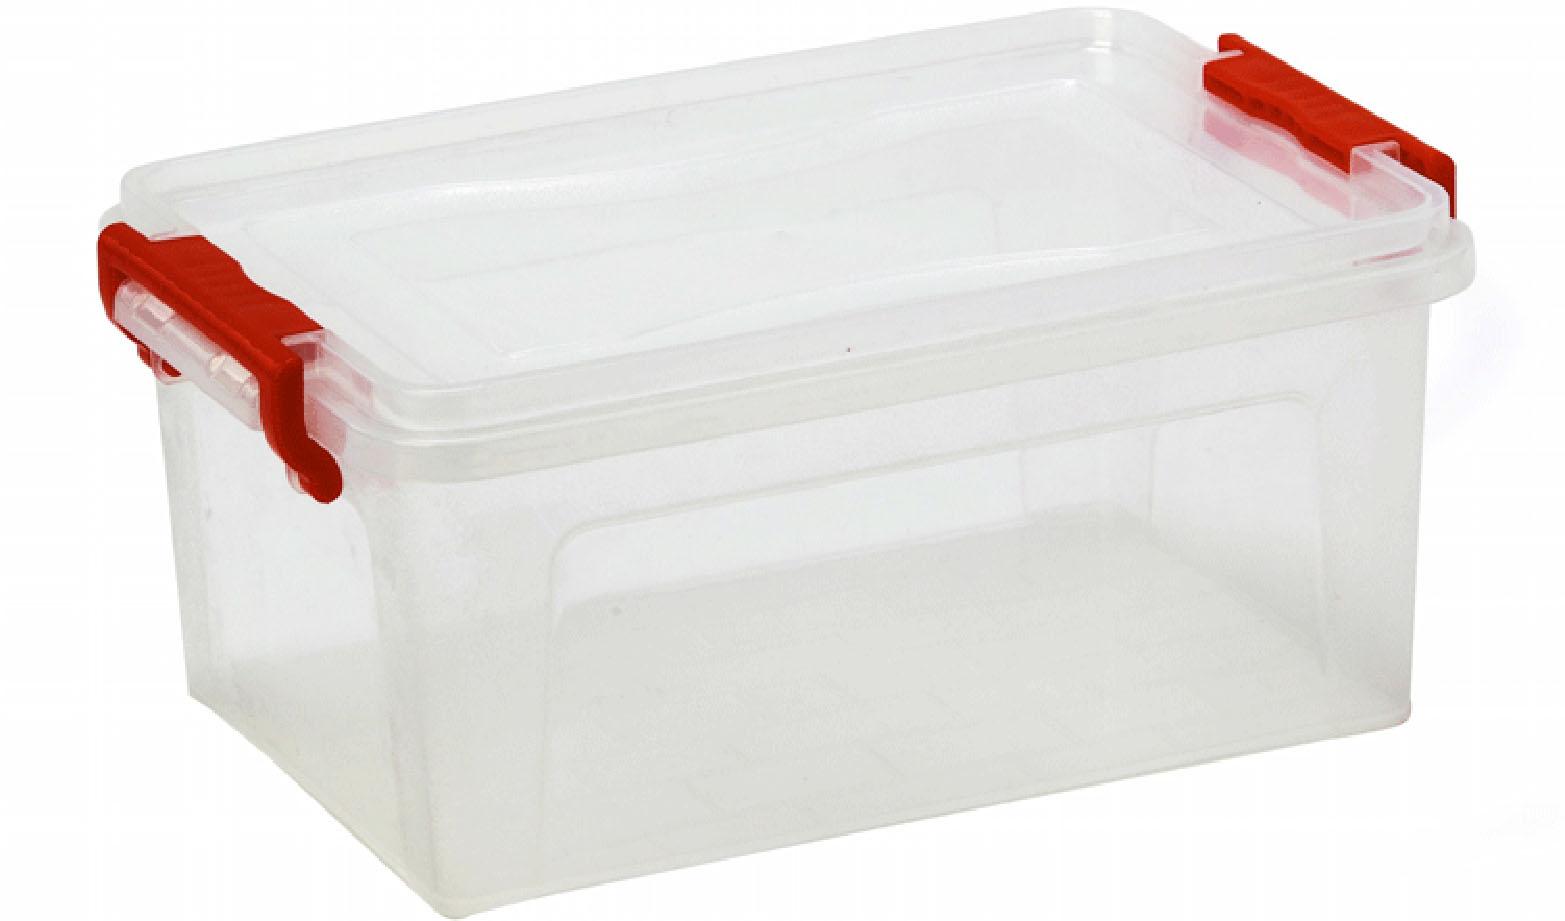 Контейнер для хранения Idea Микс, прямоугольный, цвет: прозрачный, 14 л контейнер для хранения idea прямоугольный цвет салатовый прозрачный 8 5 л